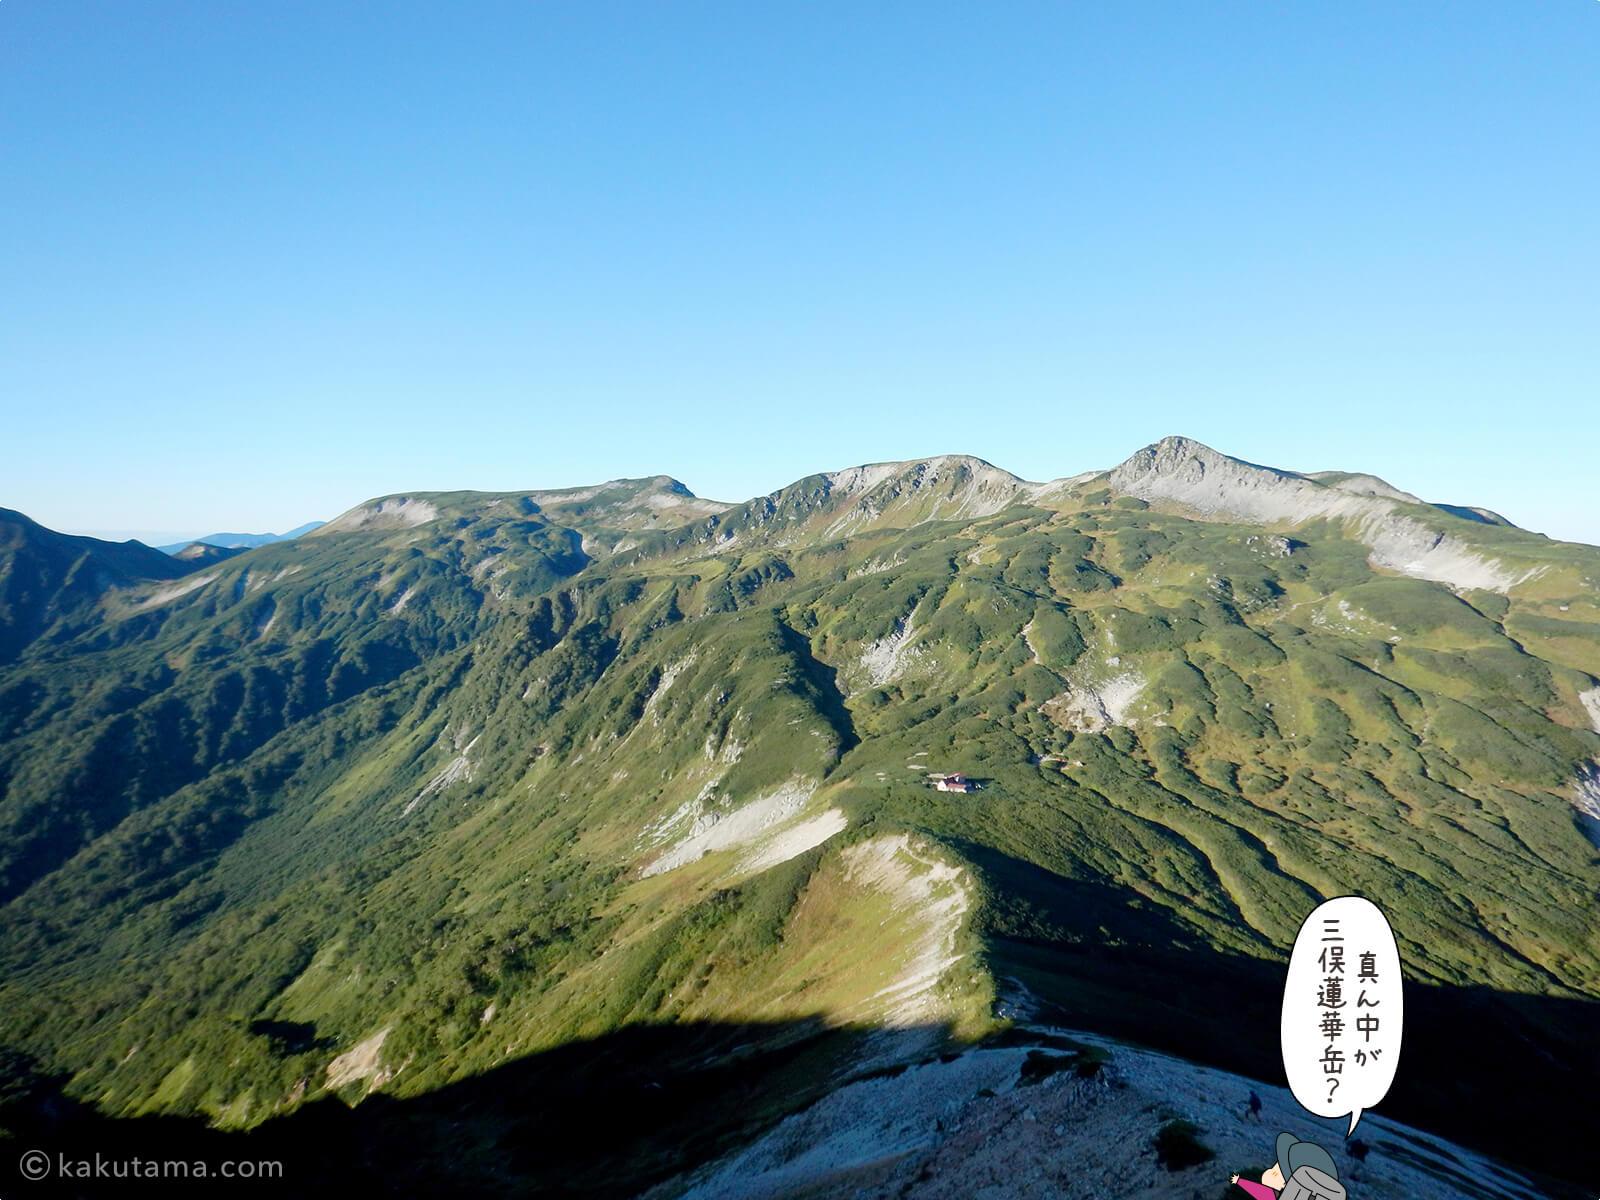 三俣蓮華岳が見える